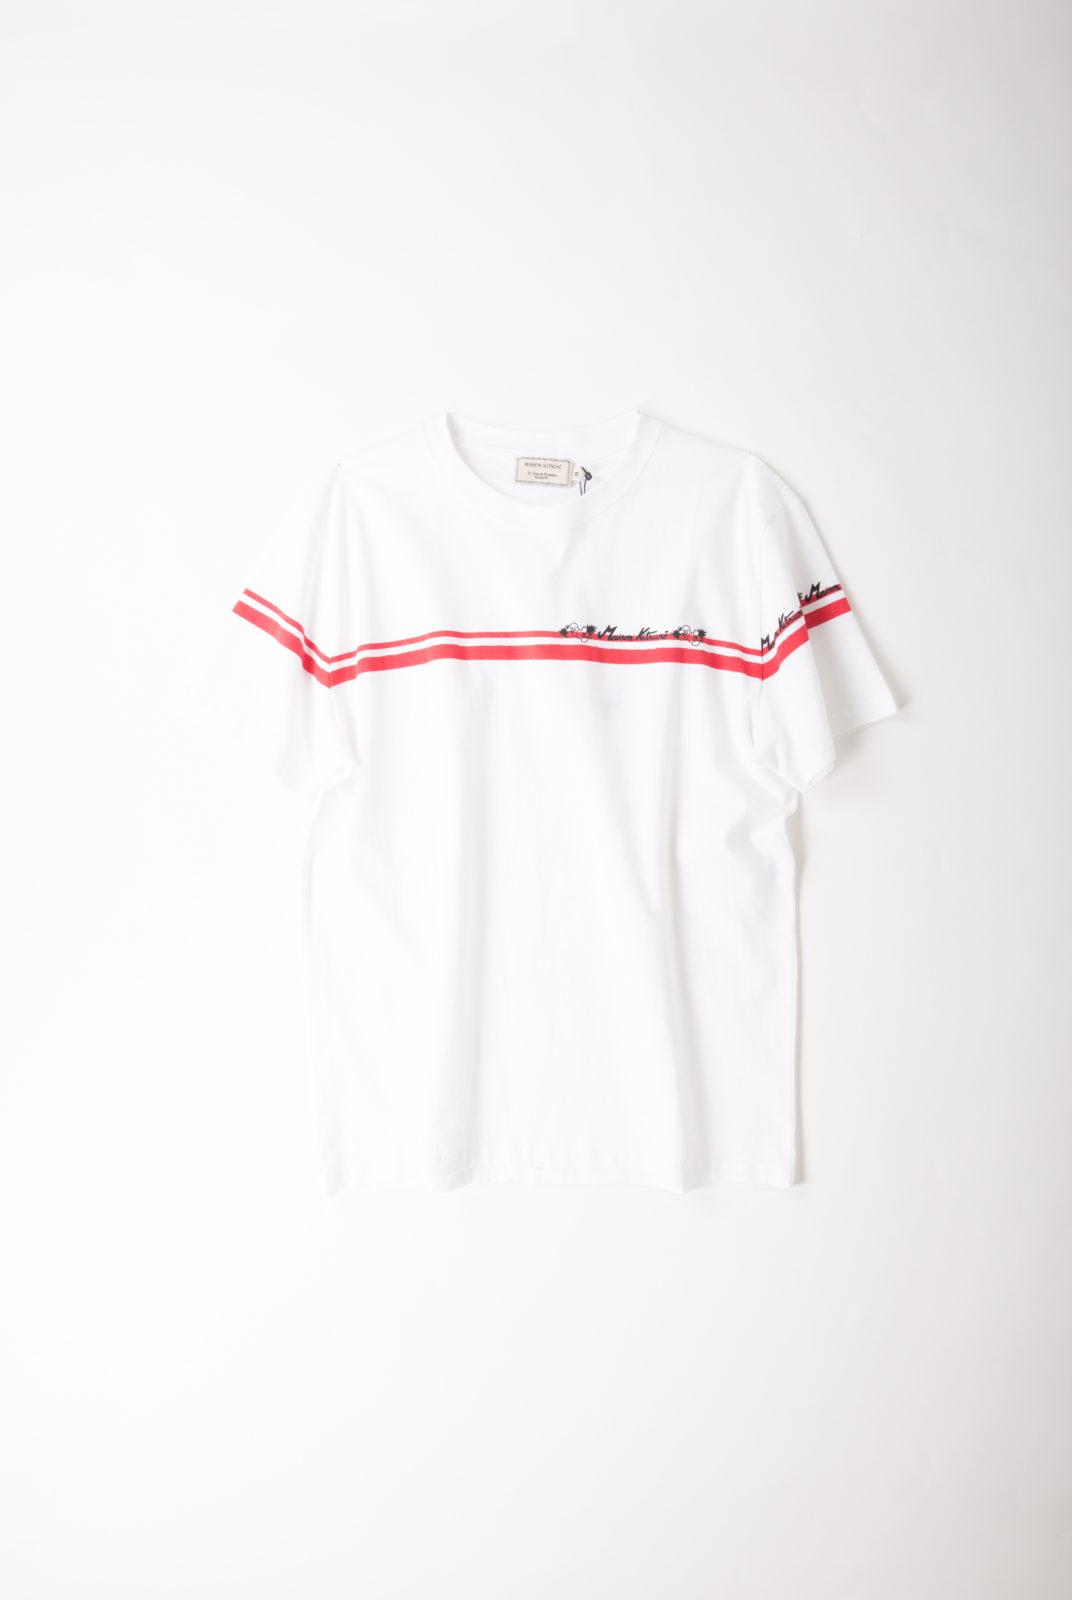 t-shirt, jersey de coton, blanc, rayure rouge, encolure ronde, manches courtes, maison kitsuné